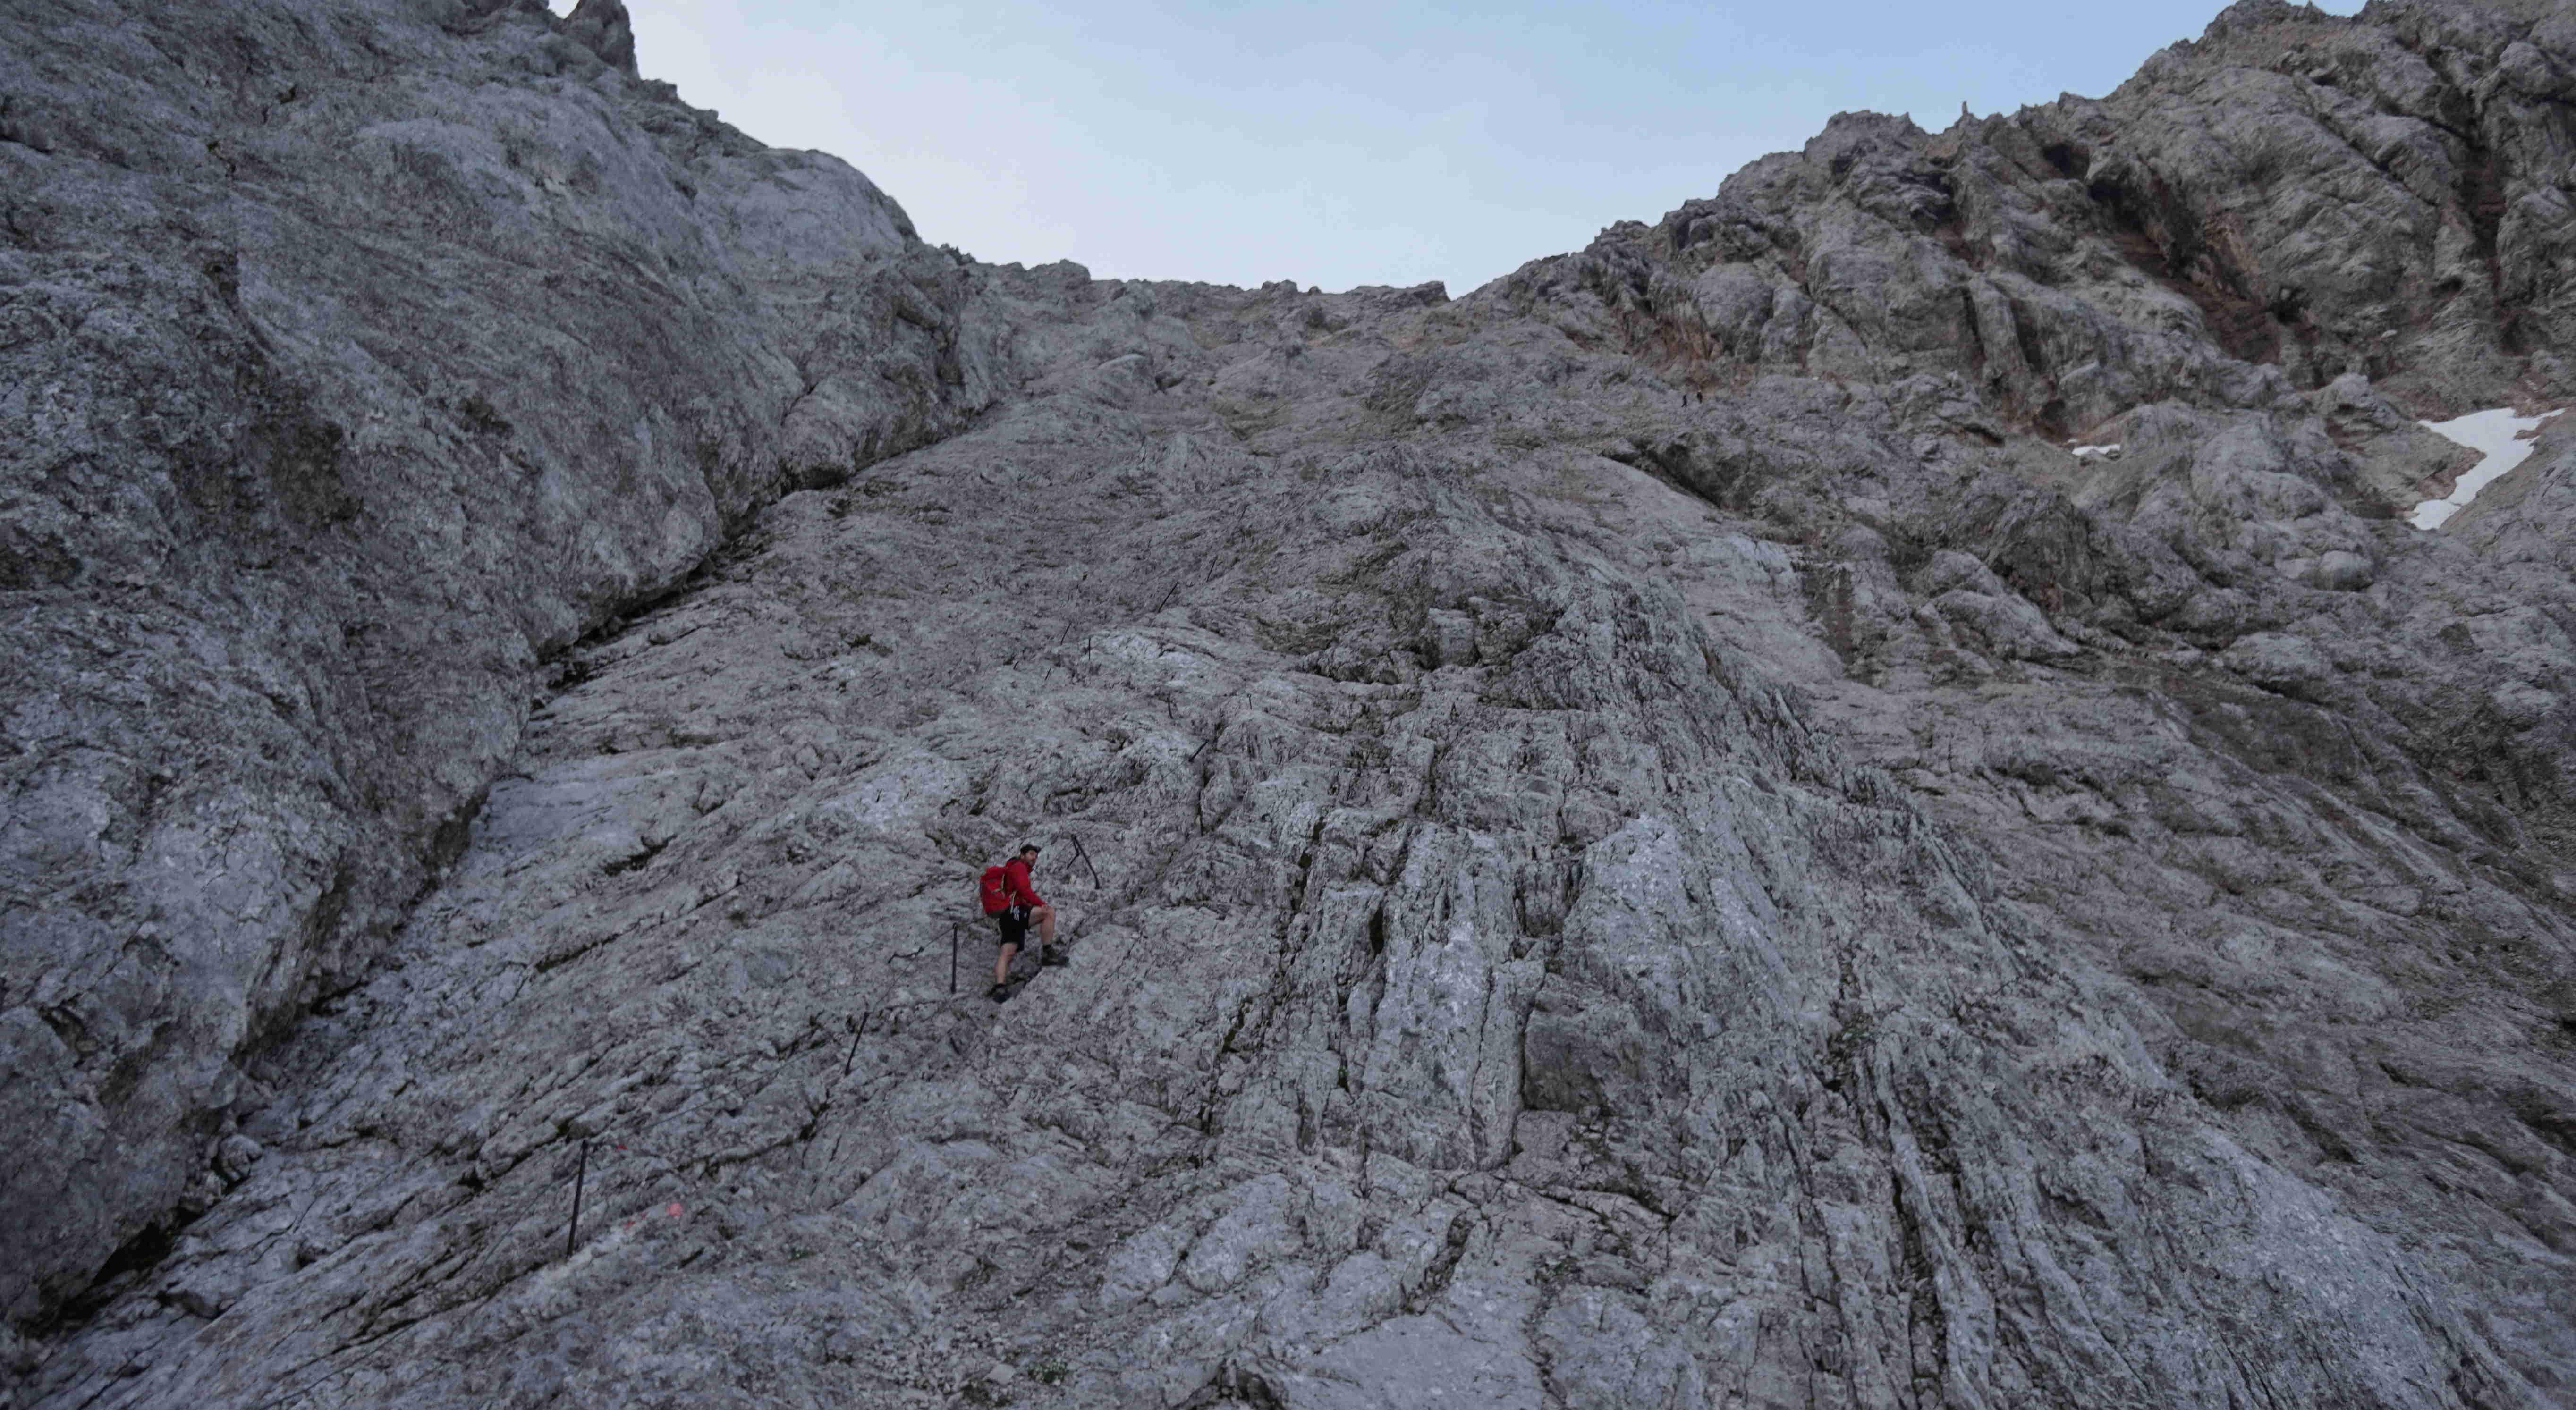 Klettersteigset Zugspitze : Klettersteig zugspitze u outdoor clan